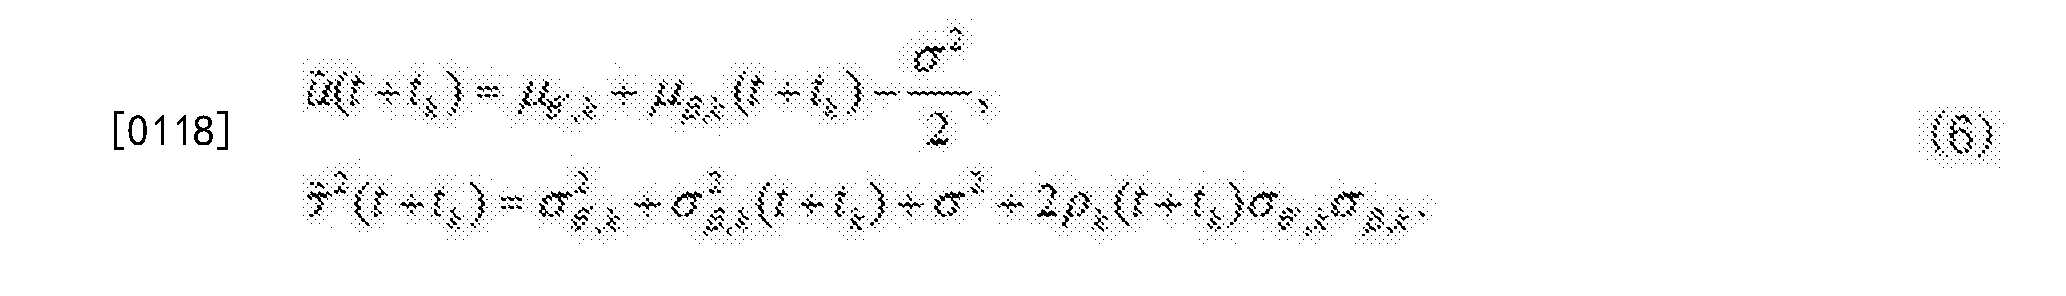 Figure CN104573881BD00145